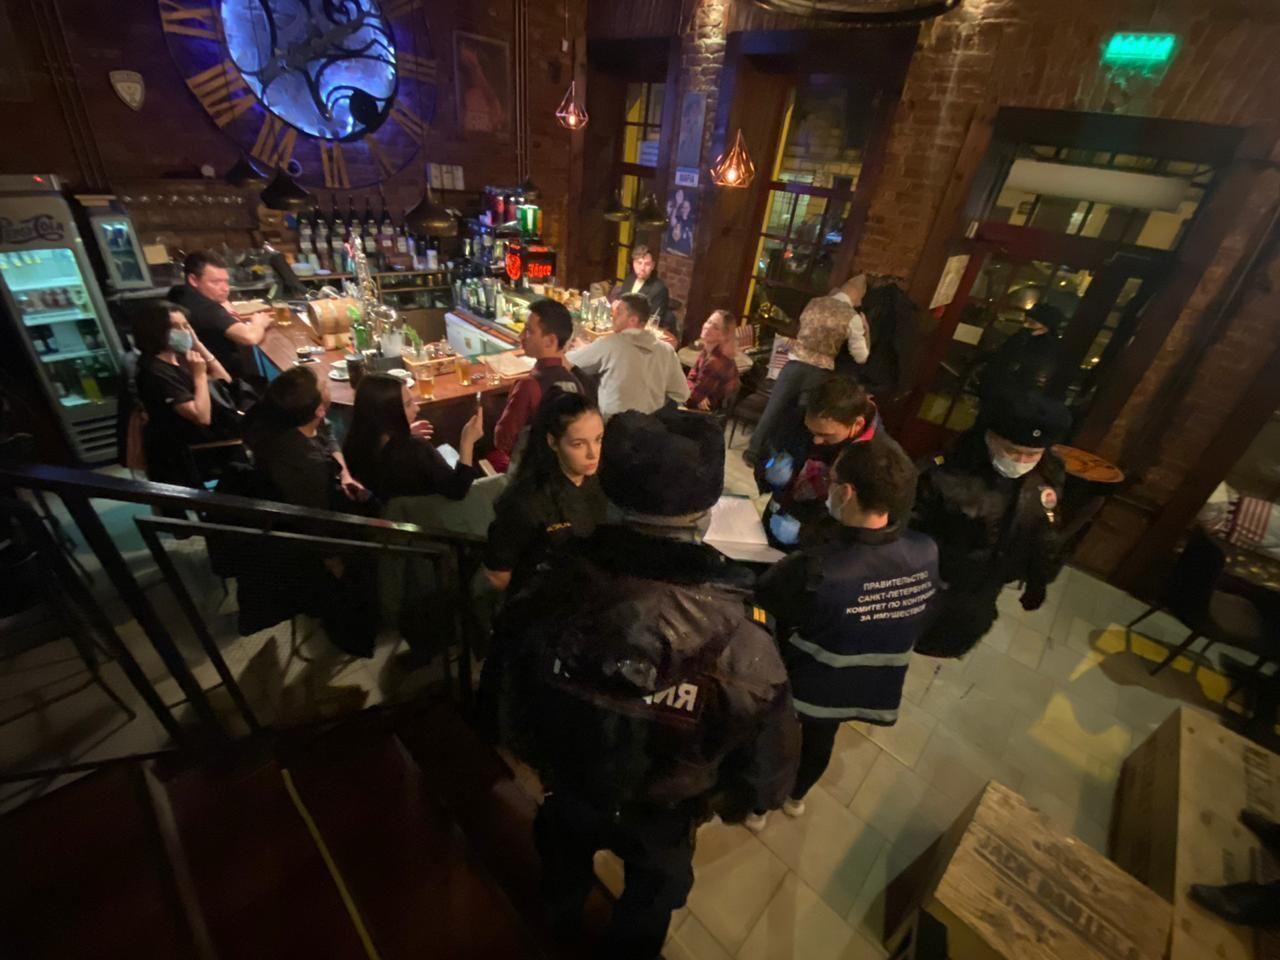 фото ЗакС политика На 13 баров Петербурга составили протоколы за работу в ночное время